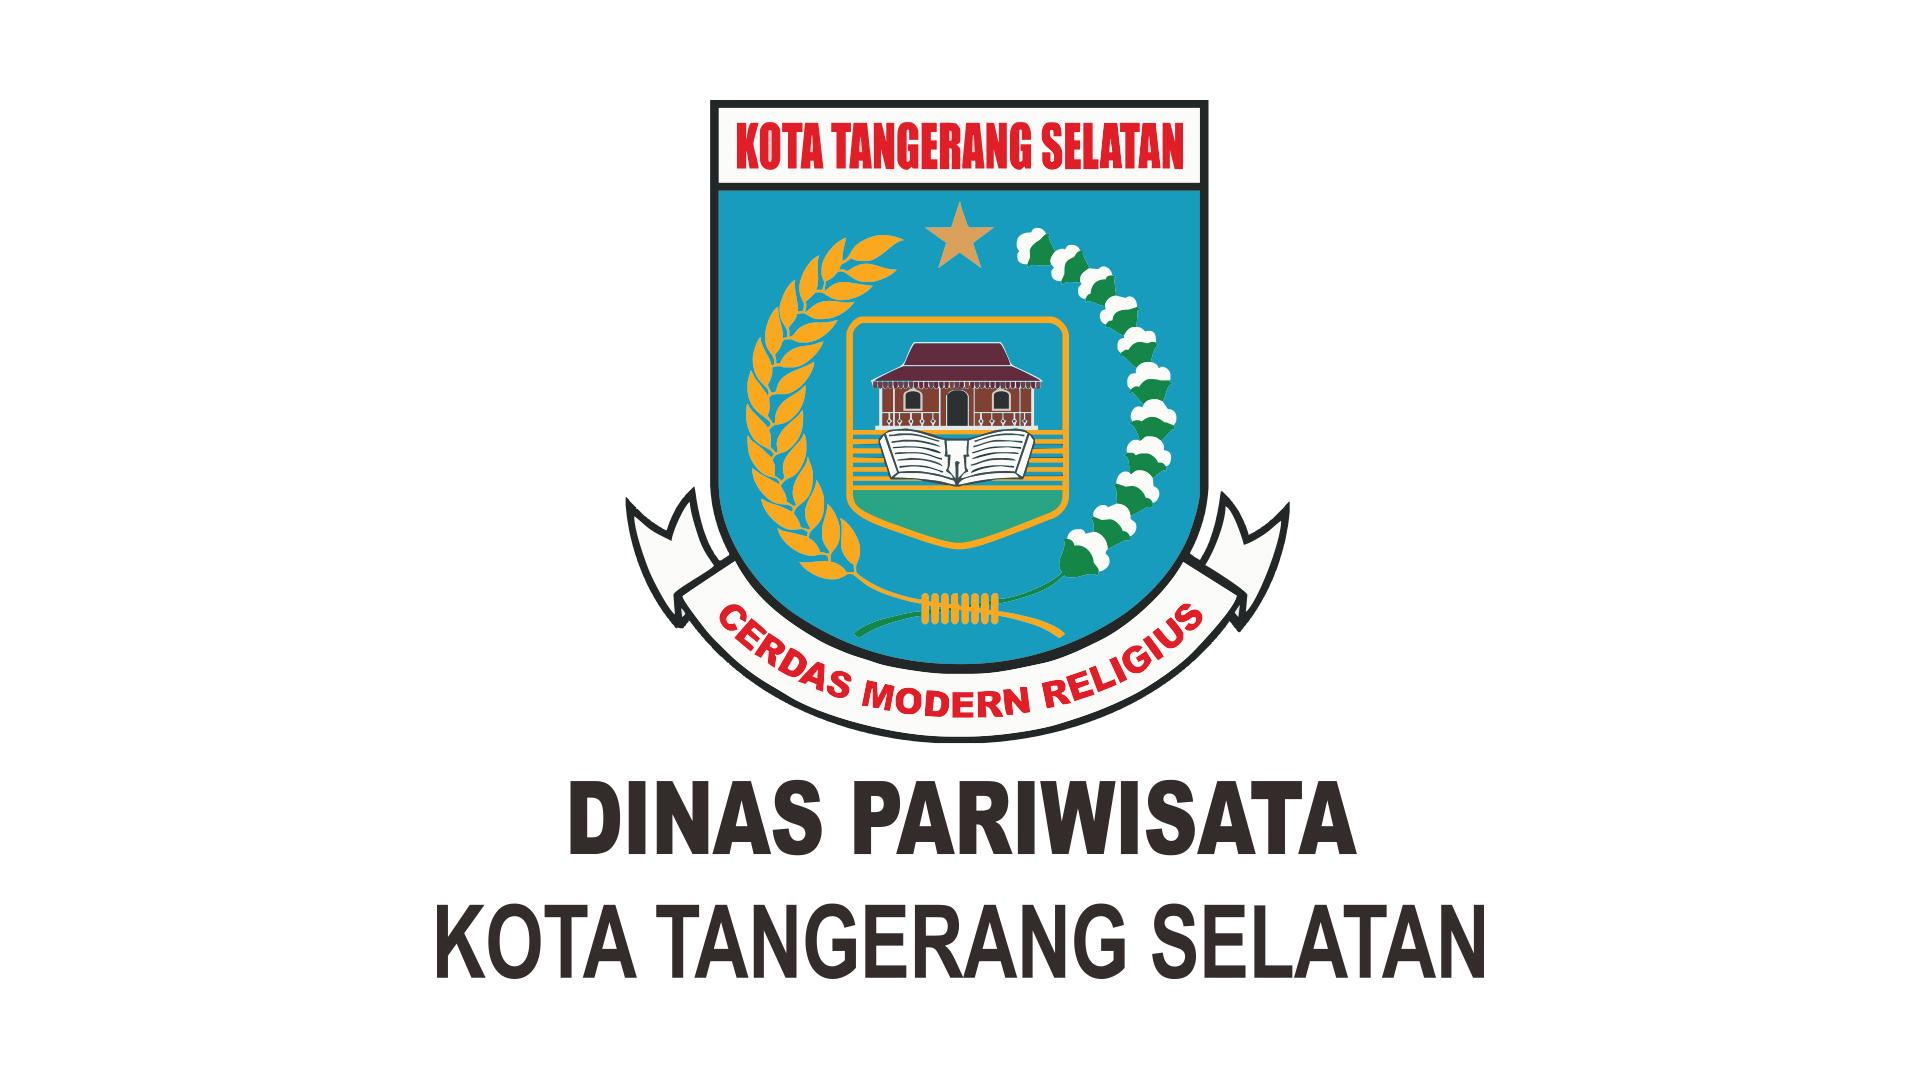 File Logo Dinas Pariwisata Kota Tangerang Selatan Jpg Wikimedia Commons